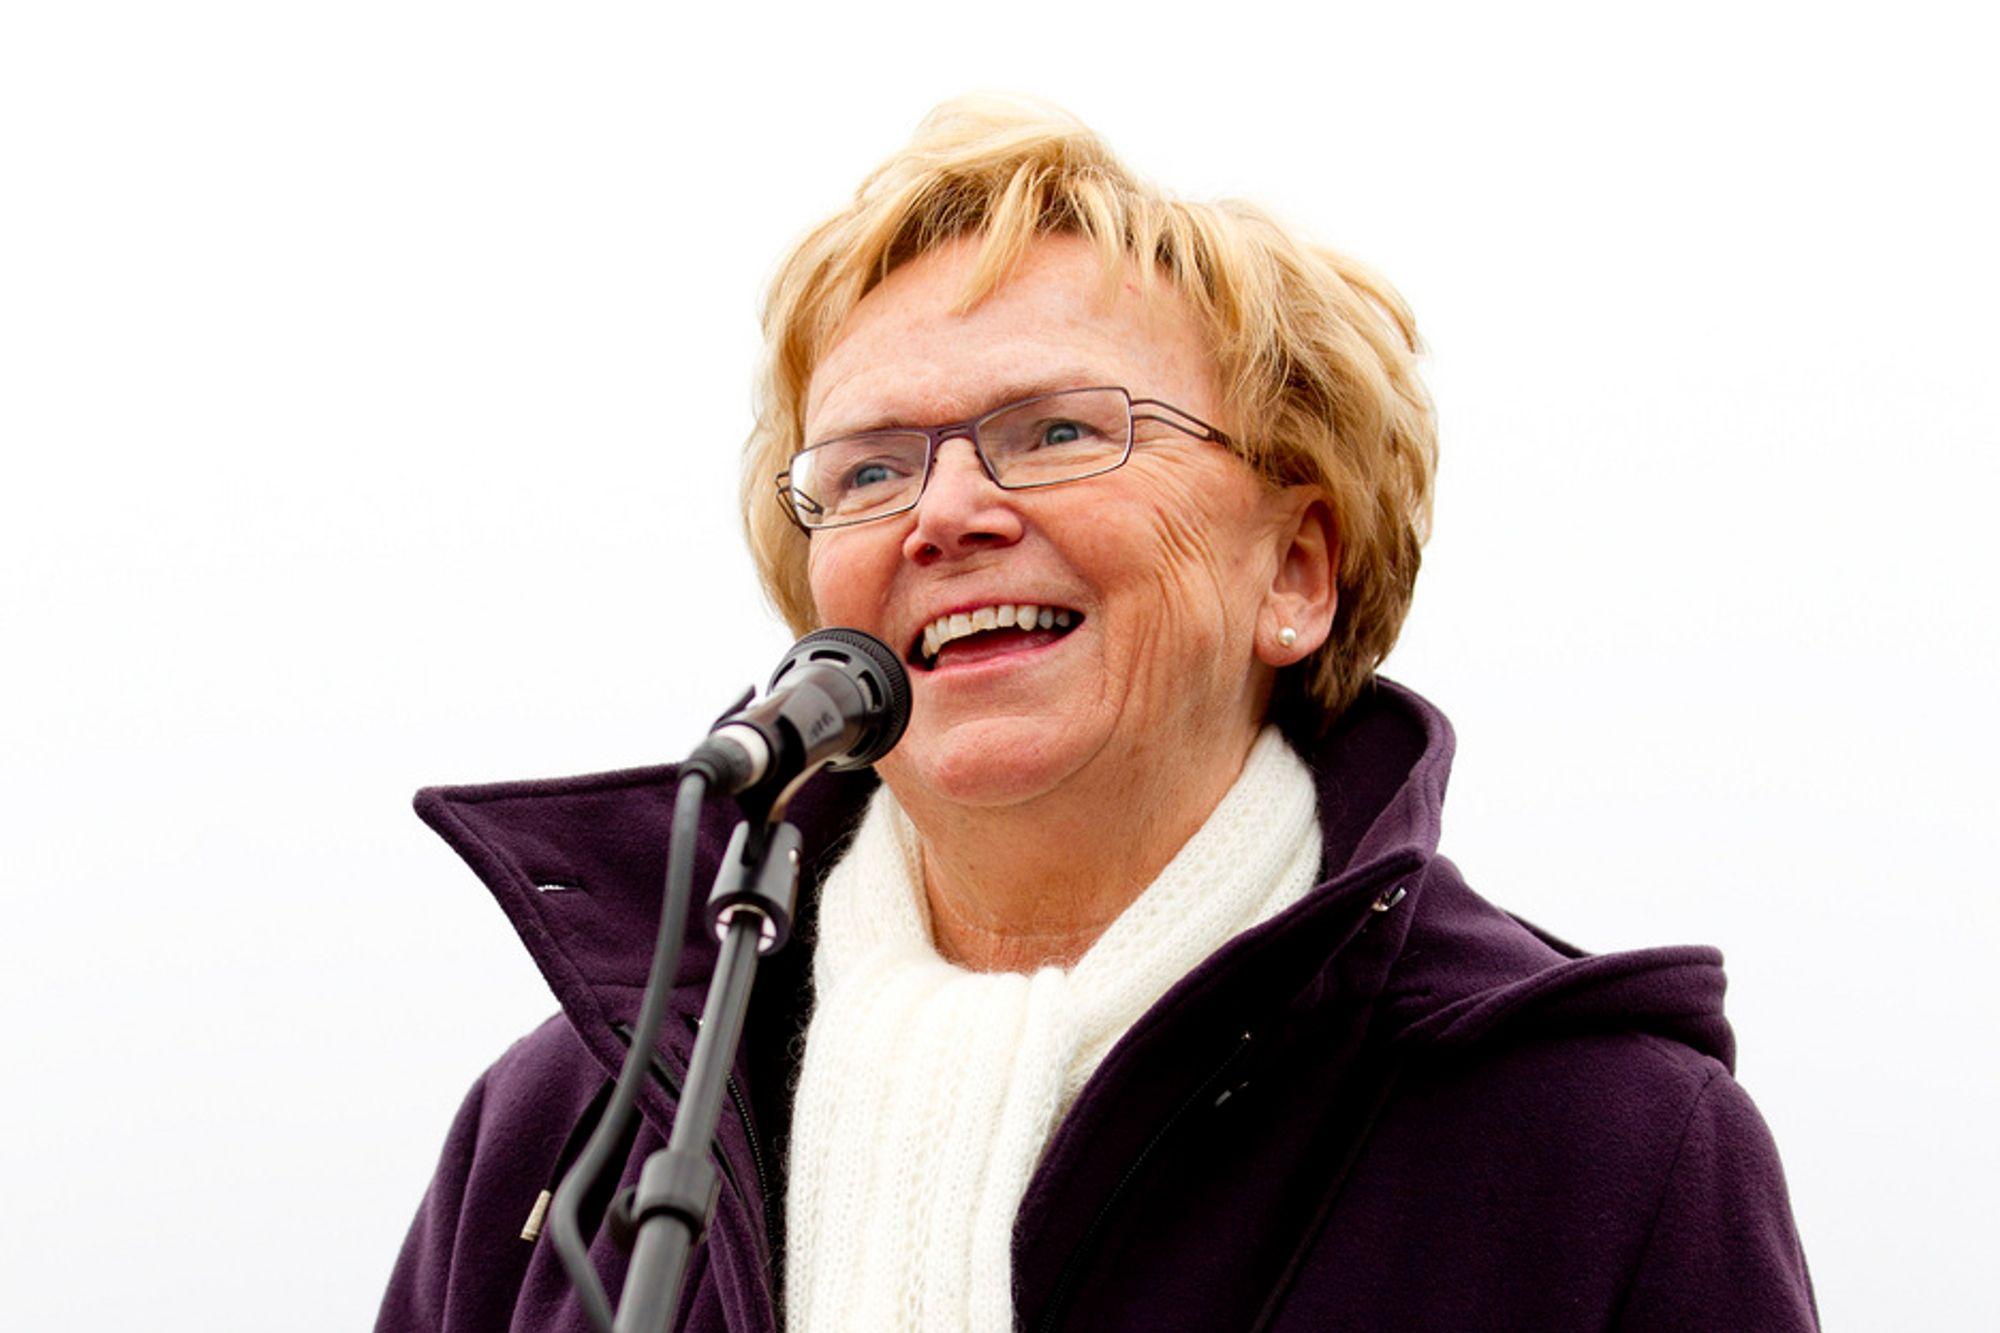 Samferdselsminister Magnhild Meltveit Kleppa (Sp) legger en kvart million kroner ekstra inn i statsbudsjettet til reparasjoner etter ras og flom på vei og jernbane.